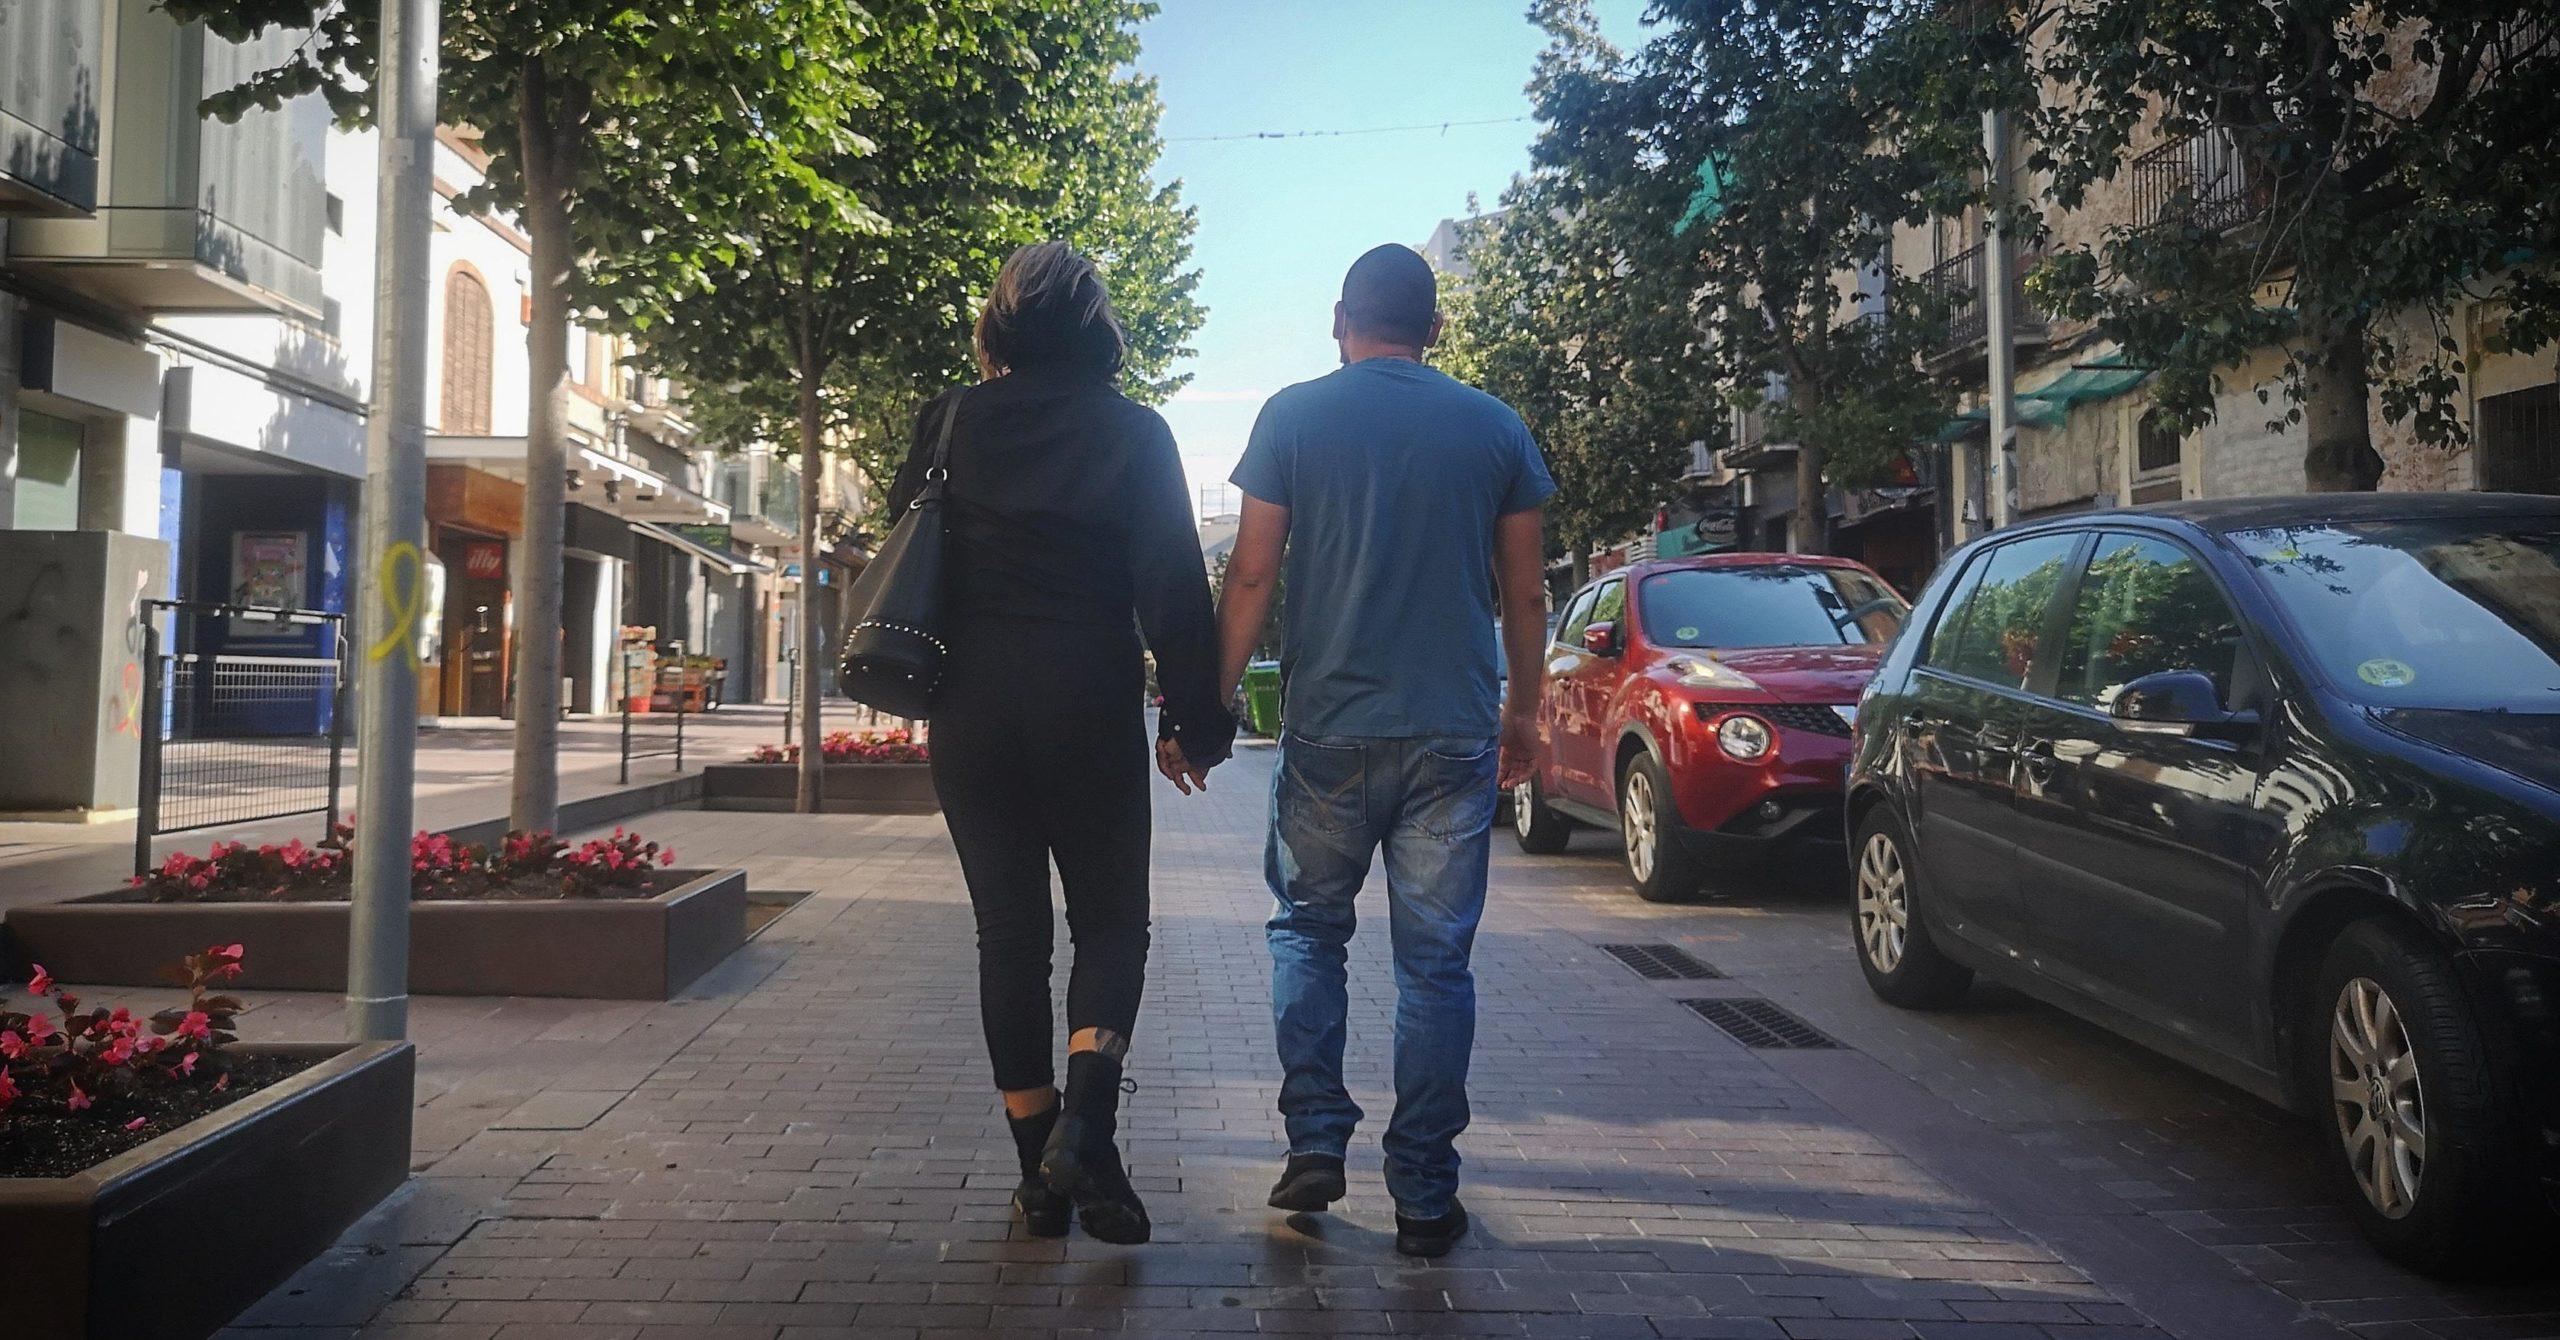 La Irene i el Fernando, passejant per Montcada i Reixac, després de sortir d'una mala experiència a una habitació rellogada a Nou Barris / D.C.